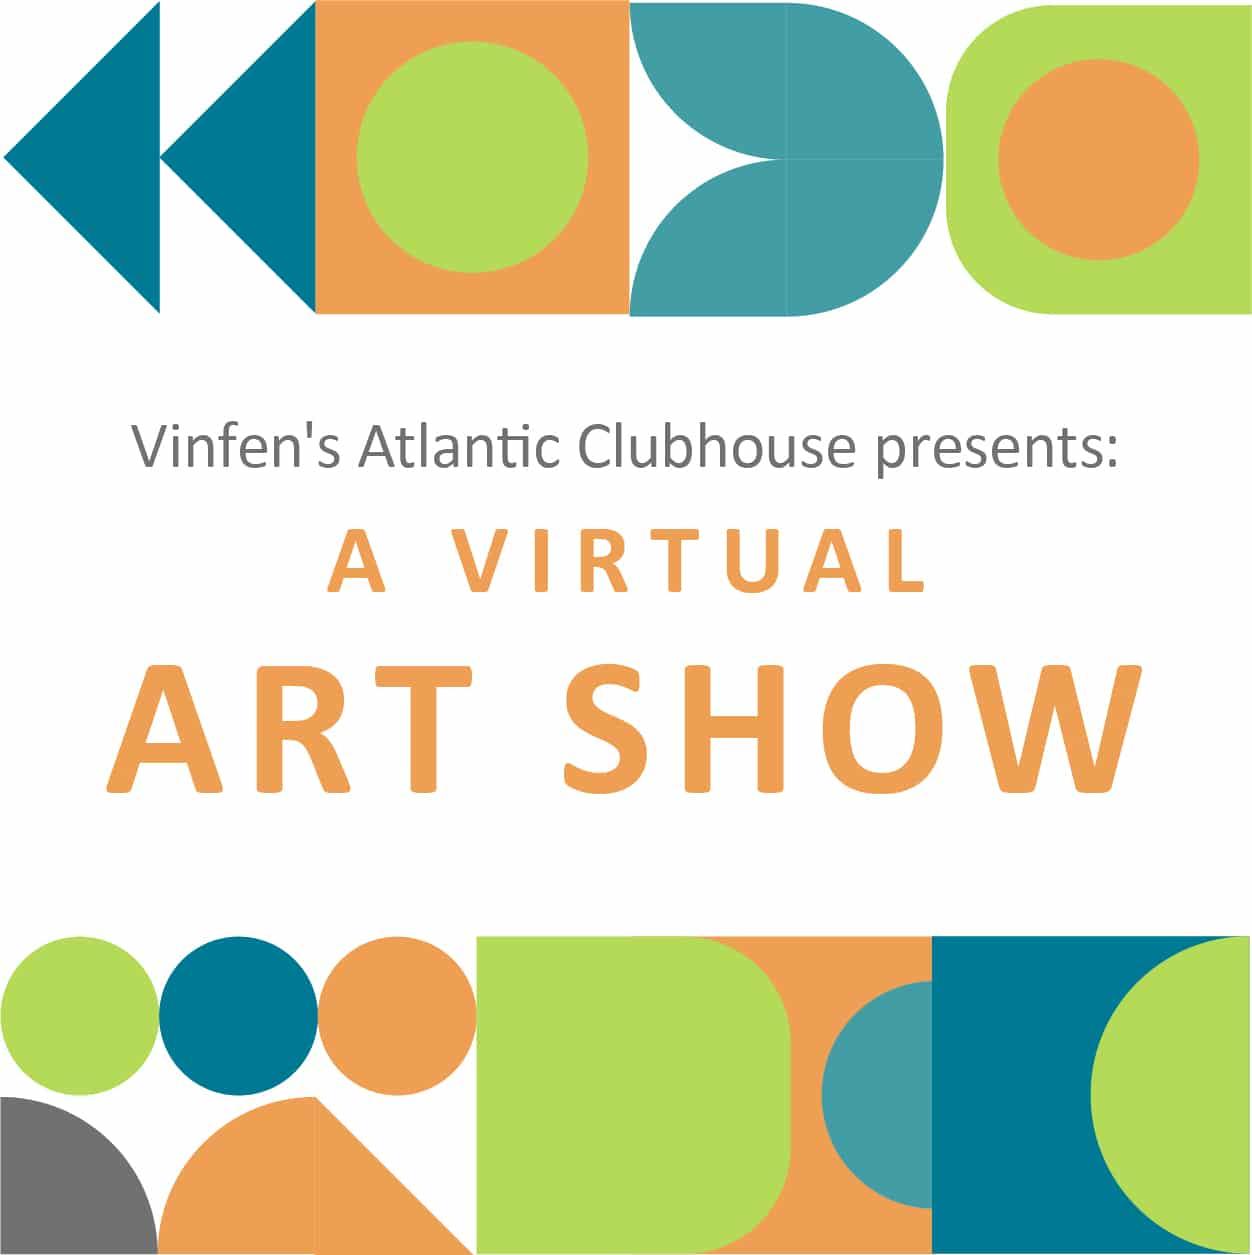 Vinfen Atlantic Clubhouse Art Show Event